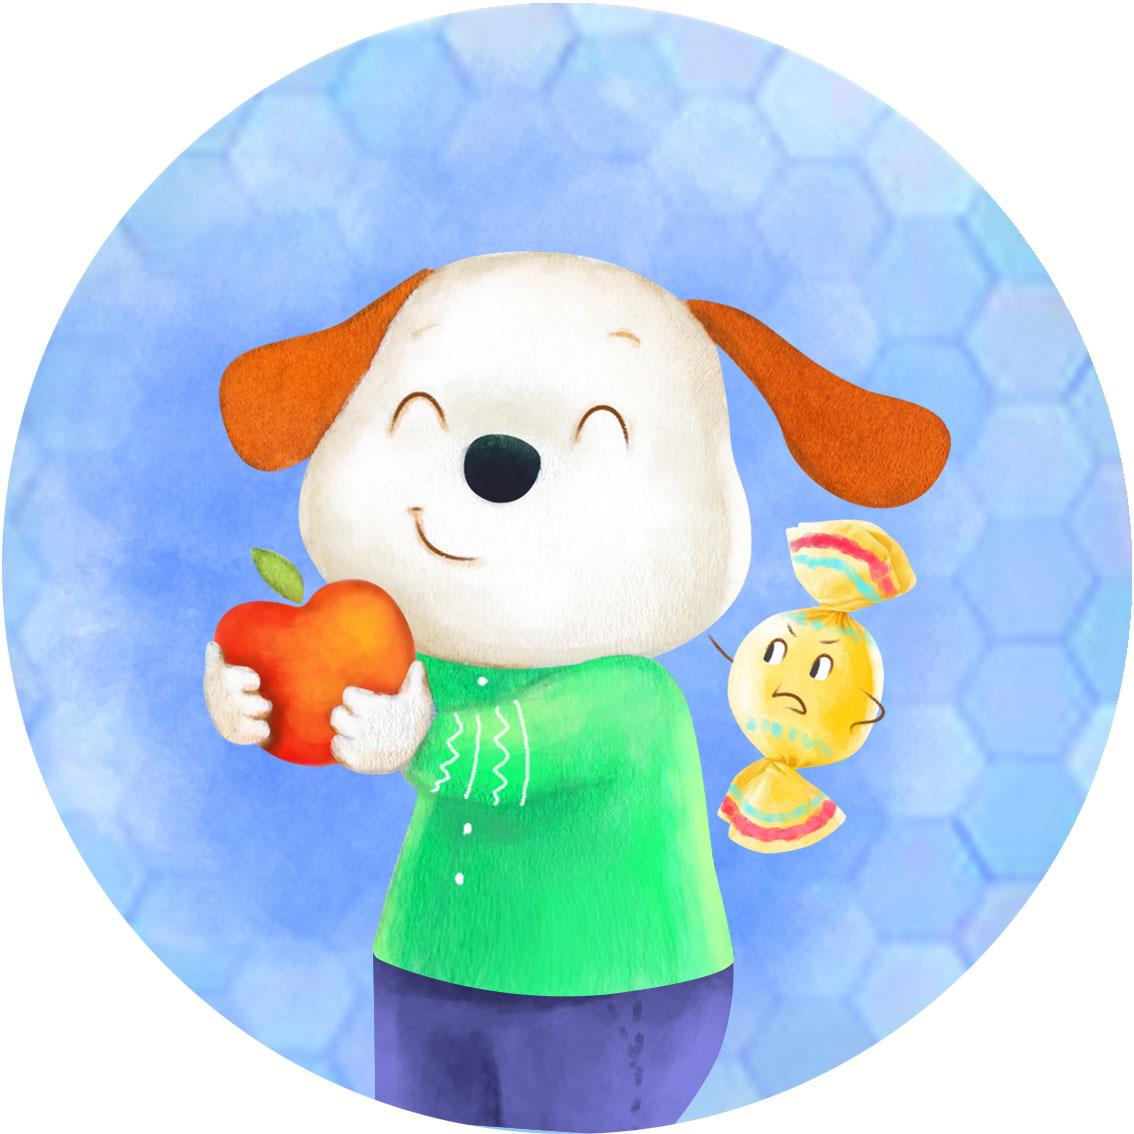 Эксмо Значок Могу без сладкого978-5-699-85965-8Могу без сладкого. Все любимое и вкусное должно быть в меру, но это сложно объяснить маленькому ребенку. Вам поможет наш значок! Выдайте его после того, как ребенок в заданный вами период не кушал сладкое. Значки-мотиваторы помогут: - детям освоить основные повседневные навыки; развить свои способности; собрать свою коллекцию достижений; - родителям обходиться в обучении без поощрения планшетом, мультиками, едой и деньгами; воспитать у детей ответственность и трудолюбие; легко организовать помощь детей в быту. Диаметр значка – 38 мм, крепление «булавка» (безопасна для детей). Упаковка: бумажный вкладыш с инструкцией, пакетик с европодвесом.